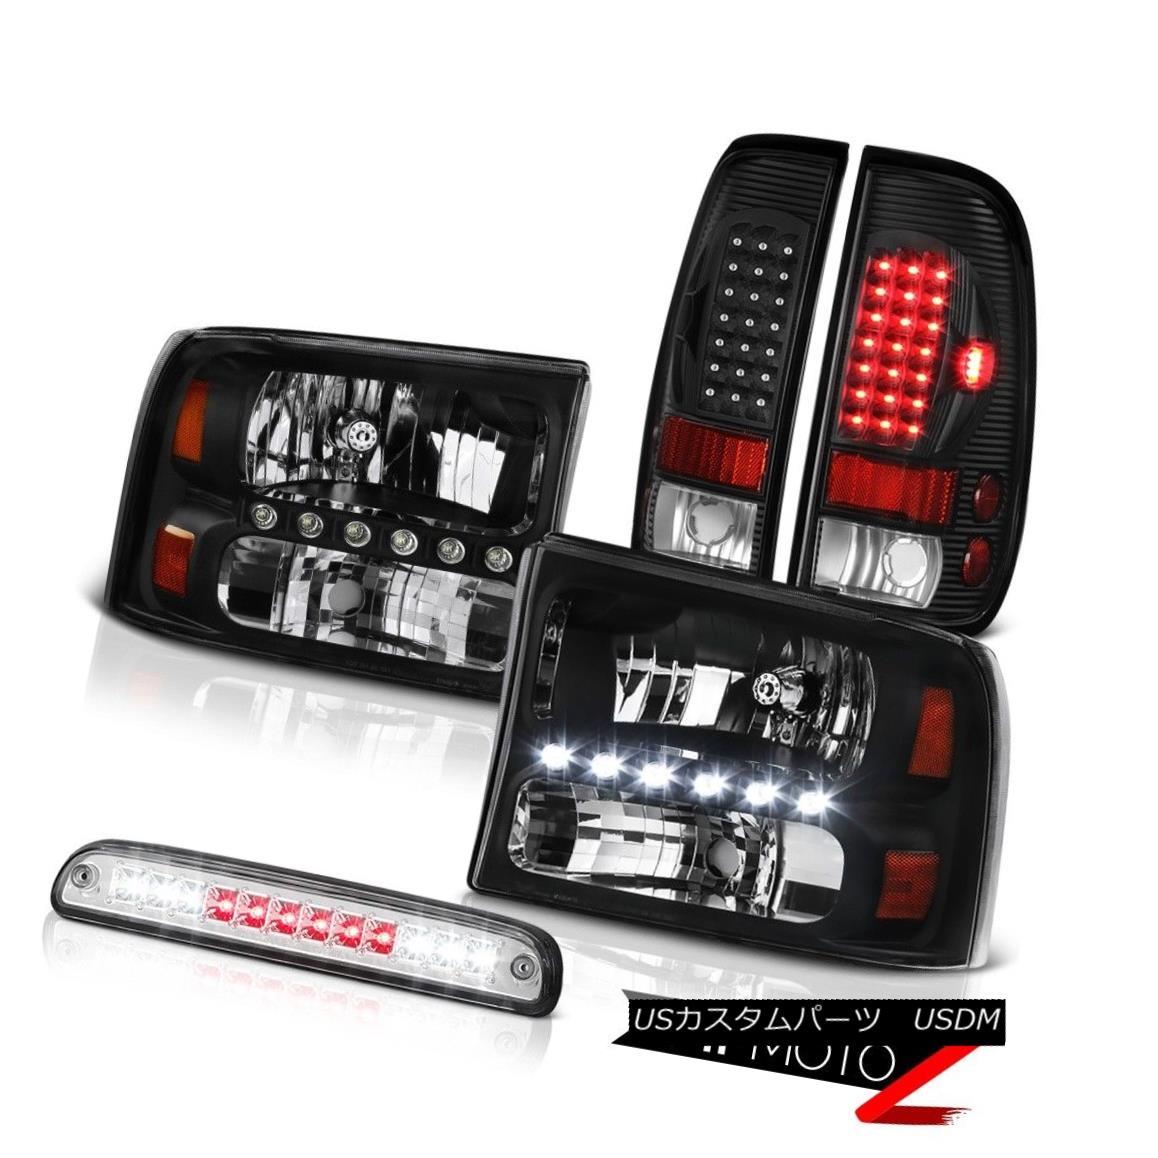 ヘッドライト Pair Black Bumper Headlamps 3rd Brake Cargo LED Blubs 99 00 01 02 03 04 F350 XL ペアブラックバンパーヘッドランプ第3ブレーキカーゴLED電球99 00 01 02 03 04 F350 XL